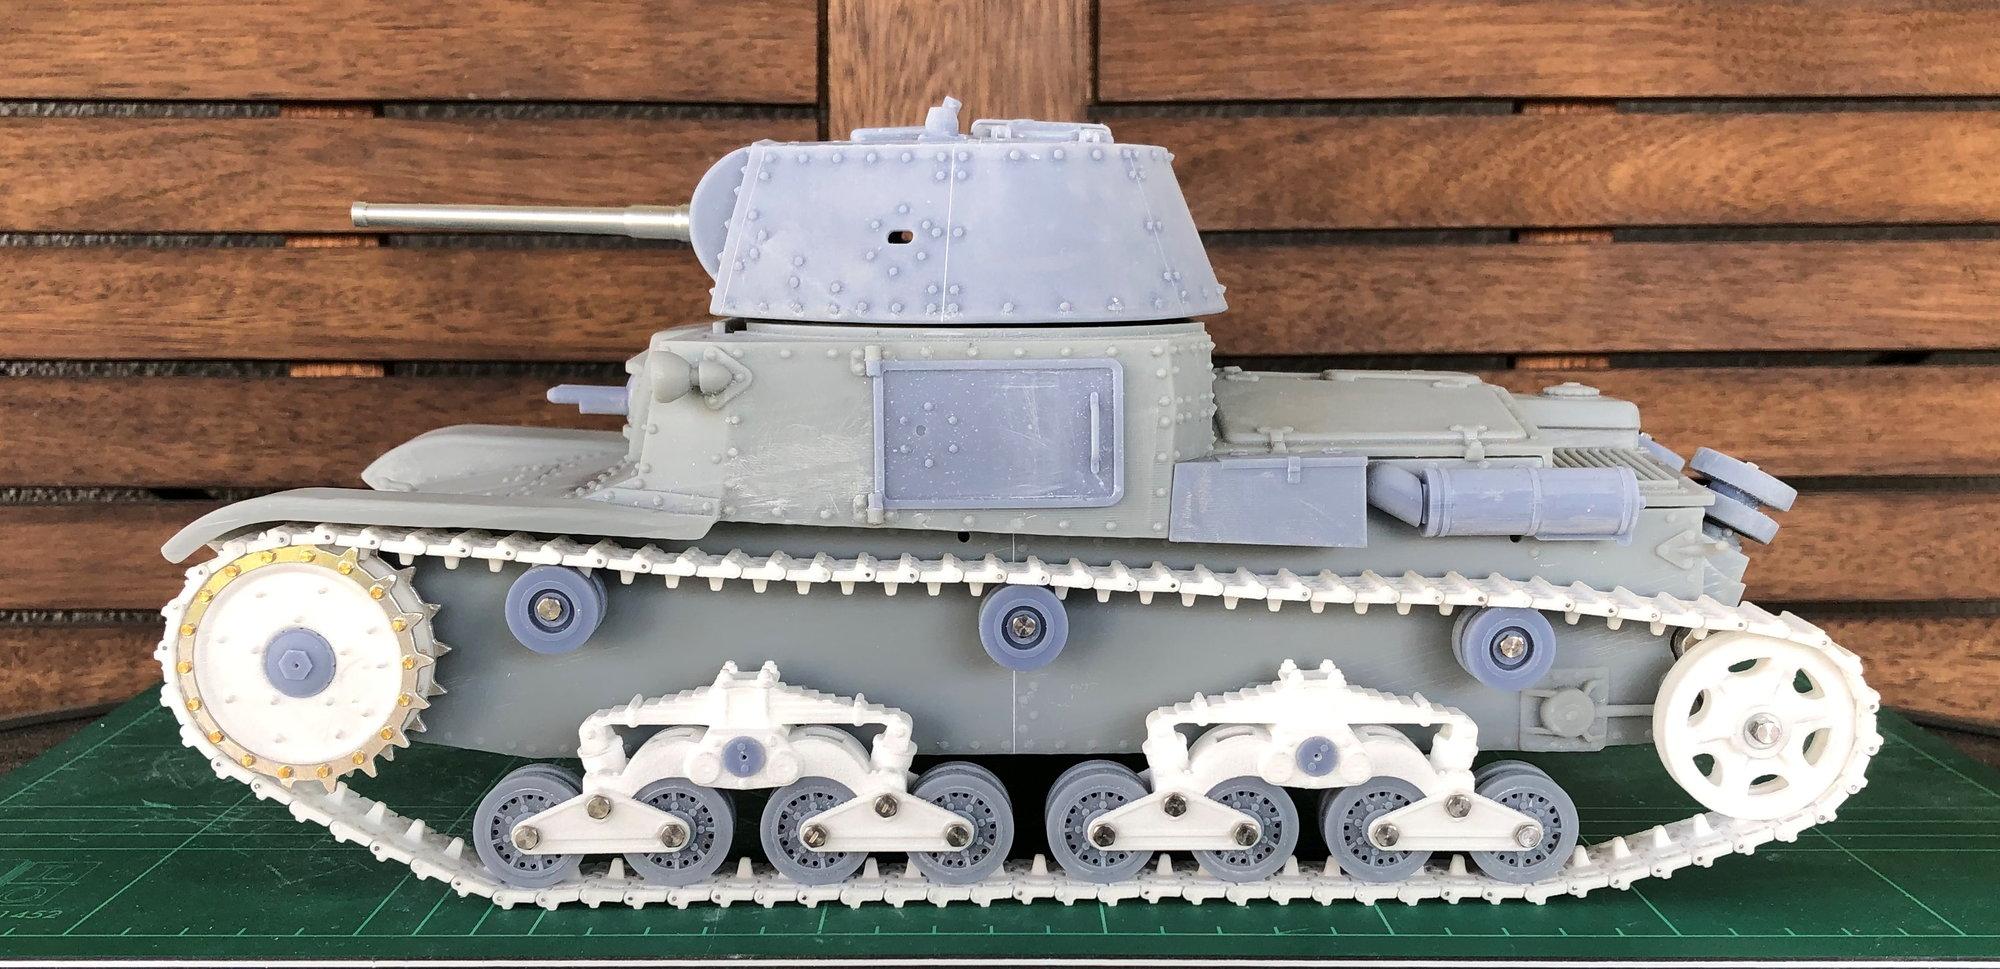 Semovente Fiat Ansaldo M40/75-18. Arrivo della scatola di montaggio 1/16 predisposto rc - Pagina 5 Gqore4m6_bbb962ff403fcd5cc5a6d3e03a86b6701c558141